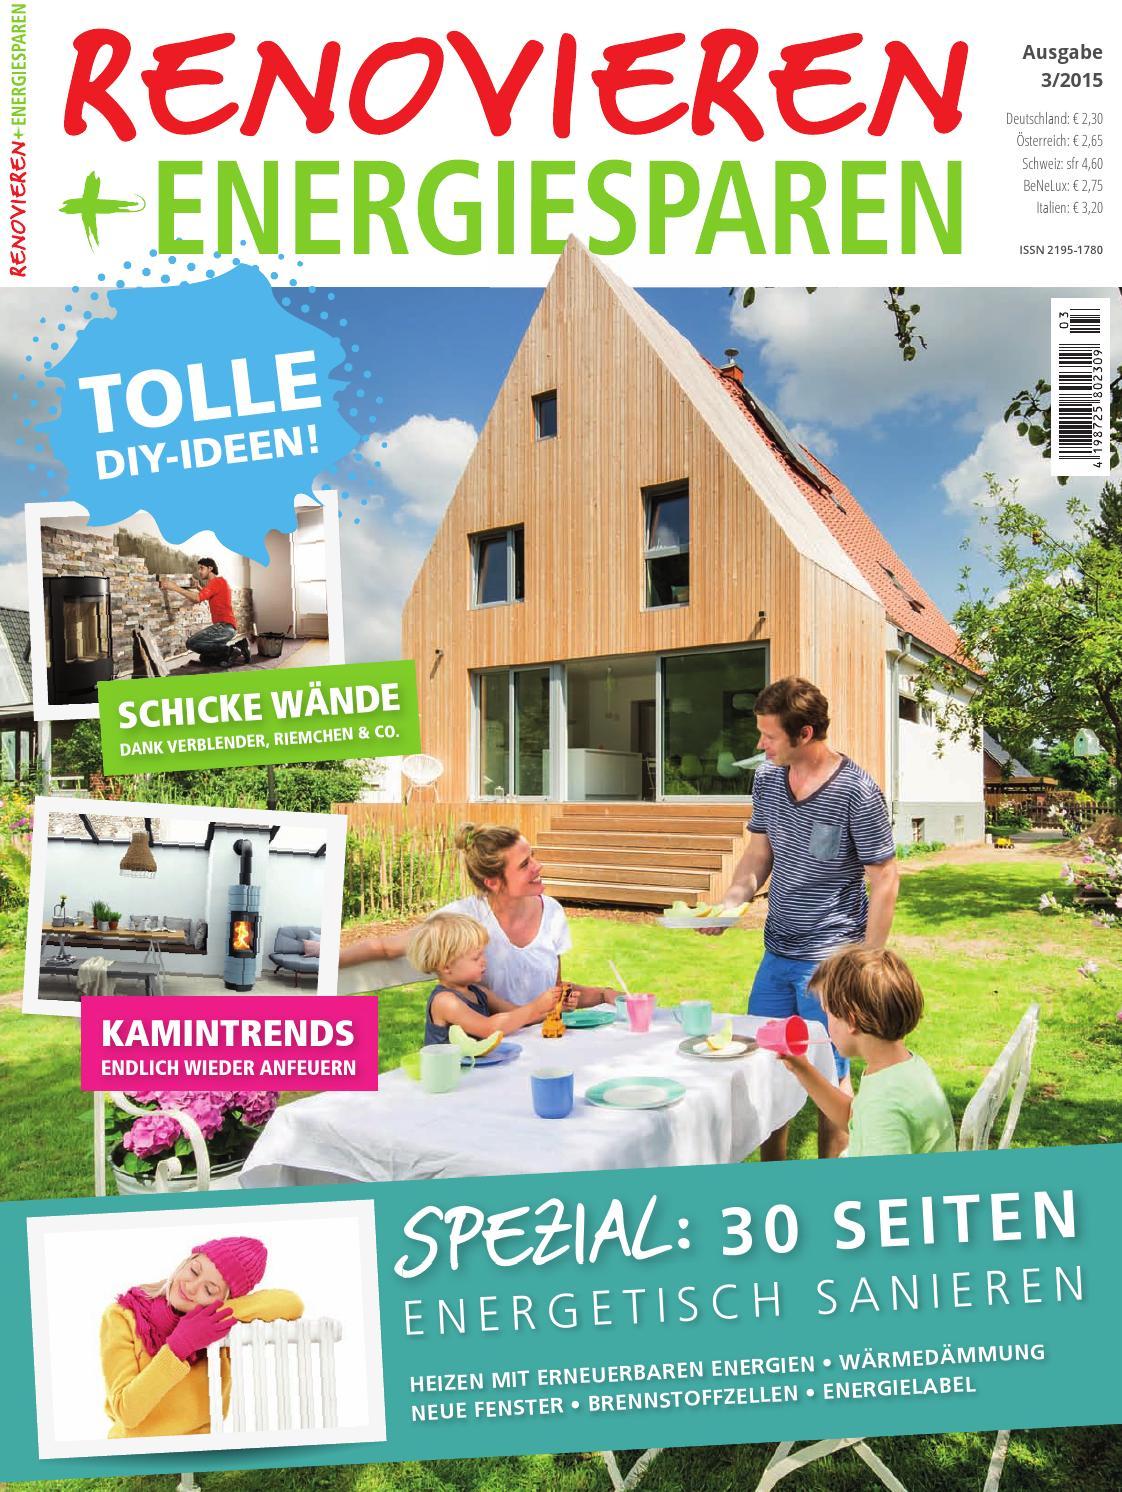 Renovieren 3/2015 by Family Home Verlag GmbH - issuu